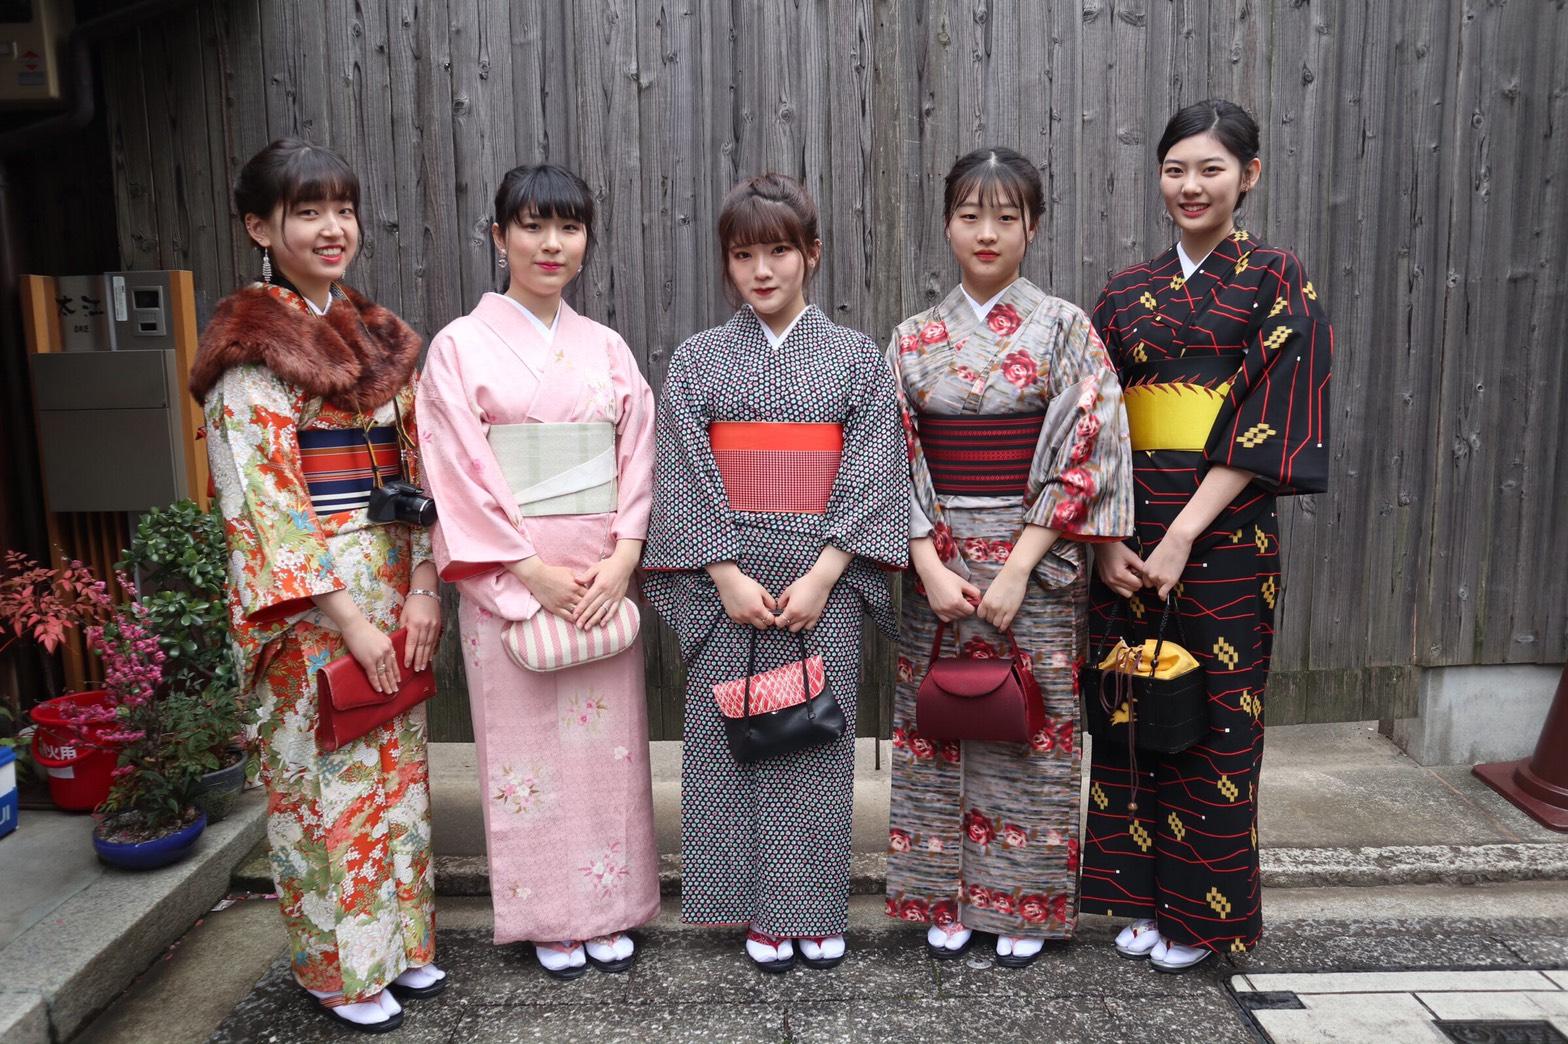 卒業旅行は日本らしさを味わいたくて京都へ